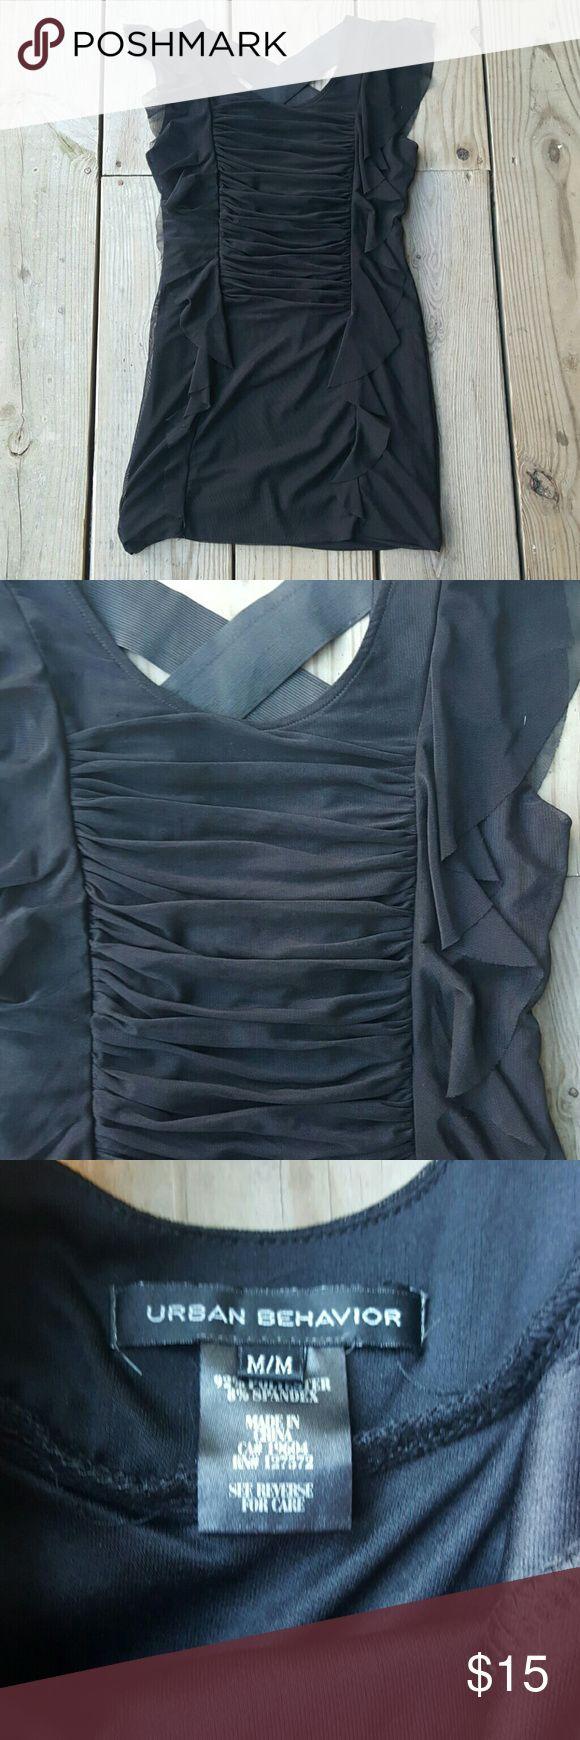 Little black dress by Urban Behavior Ruffled, gathered, criss-cross back, size MED Urban Behavior  Dresses Mini